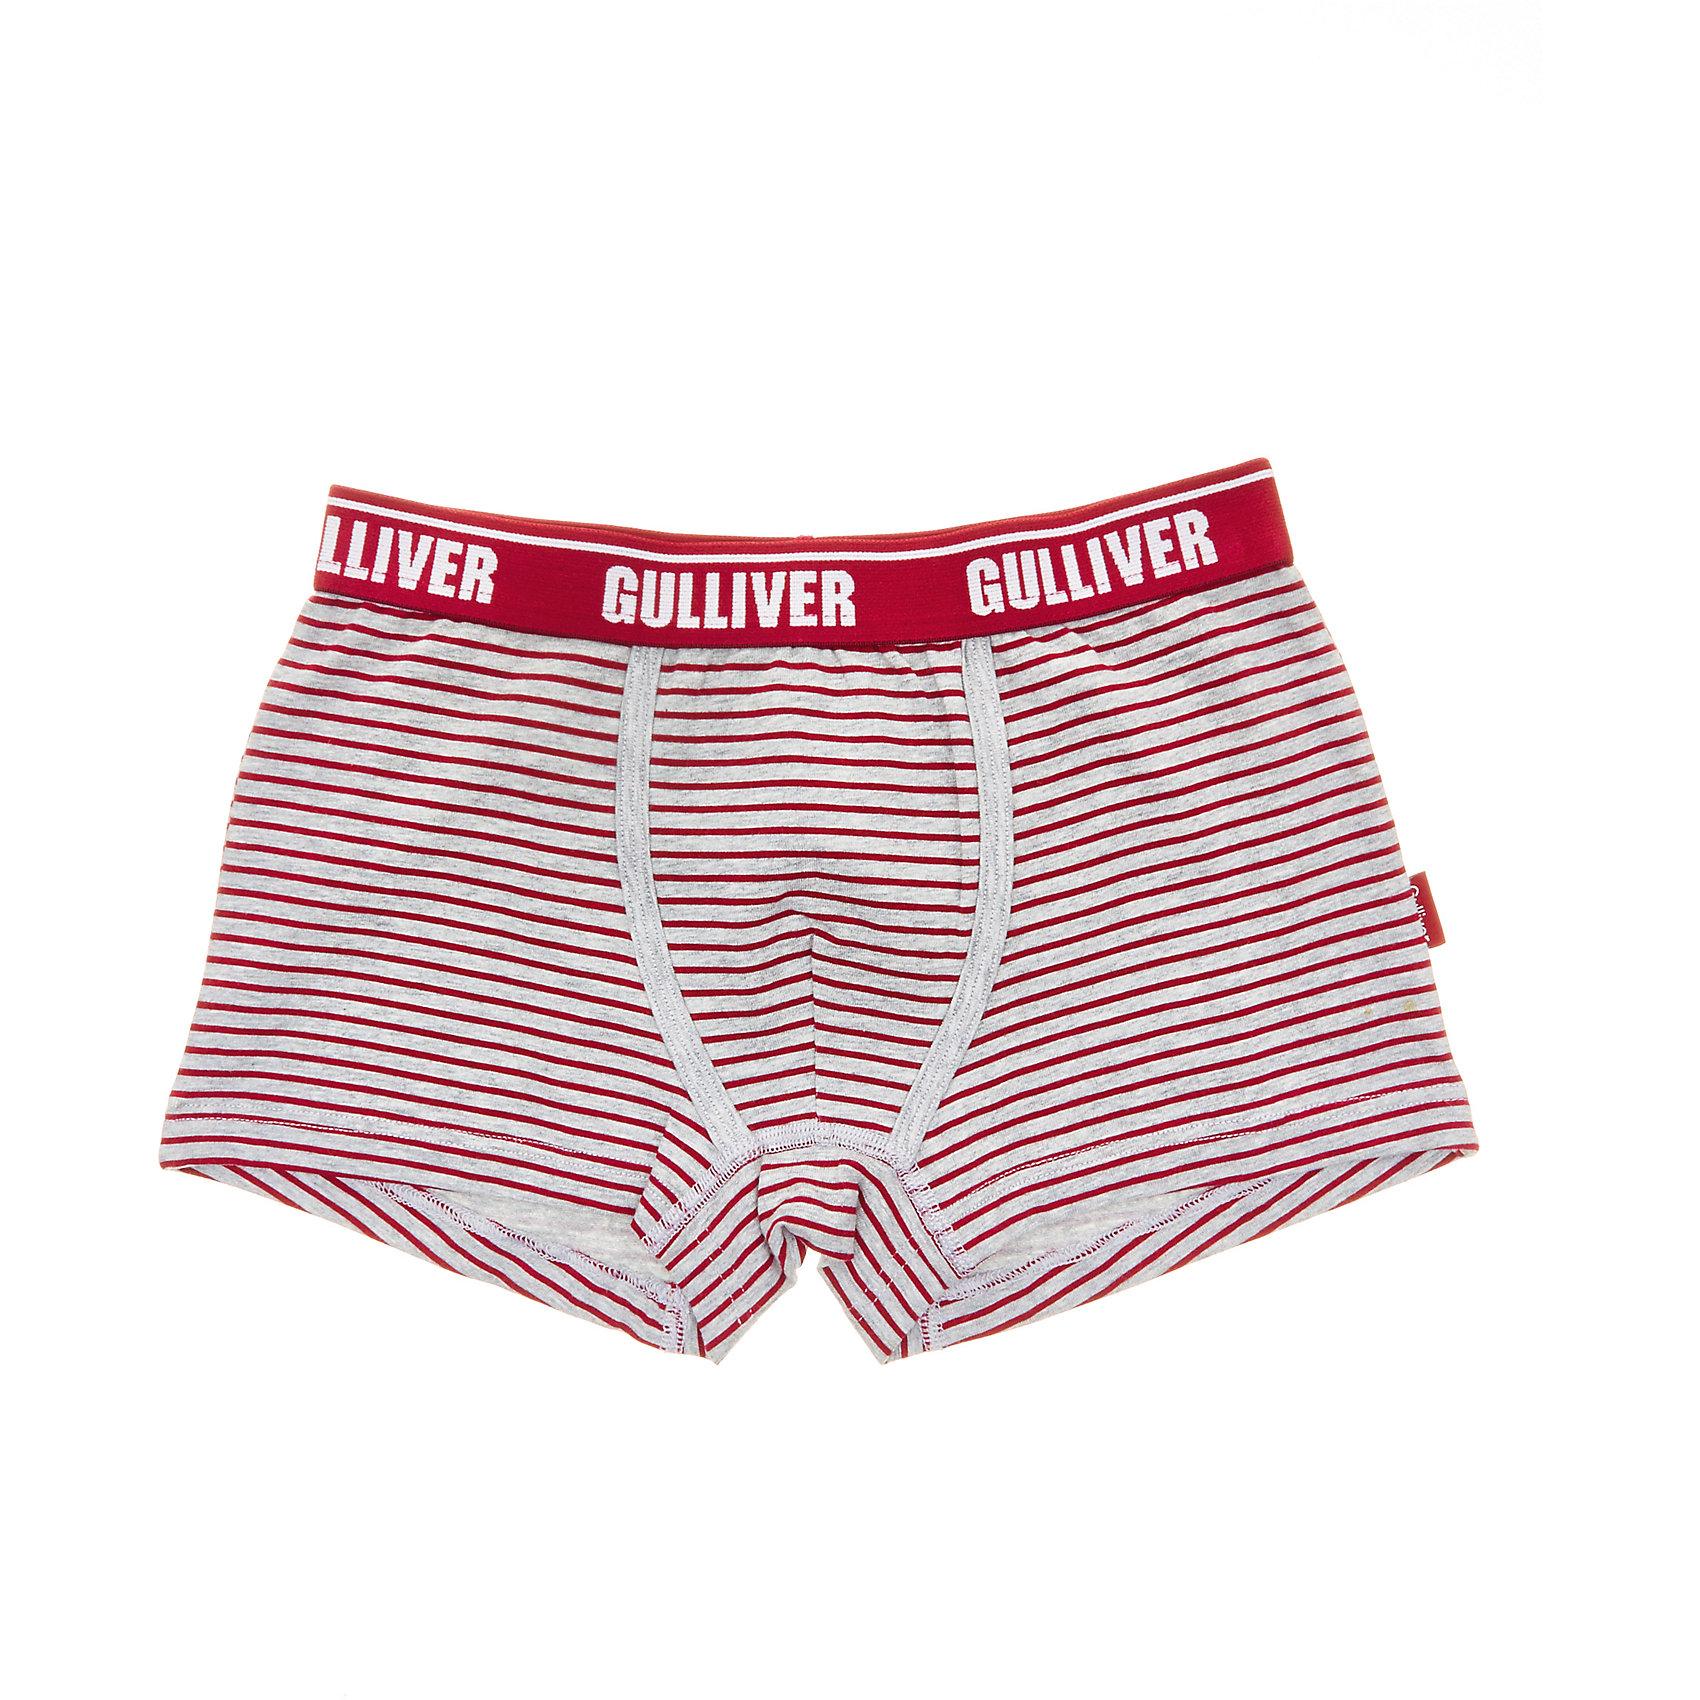 Трусы Gulliver для мальчикаНижнее бельё<br>Трусы Gulliver для мальчика<br>Белье для мальчиков должно быть красивым и удобным! - выбирая трусы для юного модника, каждая мама хочет купить детское белье, соответствующее самым высоким стандартам качества и комфорта. Детские трусы от Gulliver - идеальное решение для каждого дня. Интересный дизайн, мягкость, эстетичность, приятное прилегание к телу - залог хорошего самочувствия и отличного настроения ребенка.<br>Состав:<br>95% хлопок        5% эластан<br><br>Ширина мм: 196<br>Глубина мм: 10<br>Высота мм: 154<br>Вес г: 152<br>Цвет: белый<br>Возраст от месяцев: 144<br>Возраст до месяцев: 156<br>Пол: Мужской<br>Возраст: Детский<br>Размер: 158,98,110,122,134,146<br>SKU: 7078085